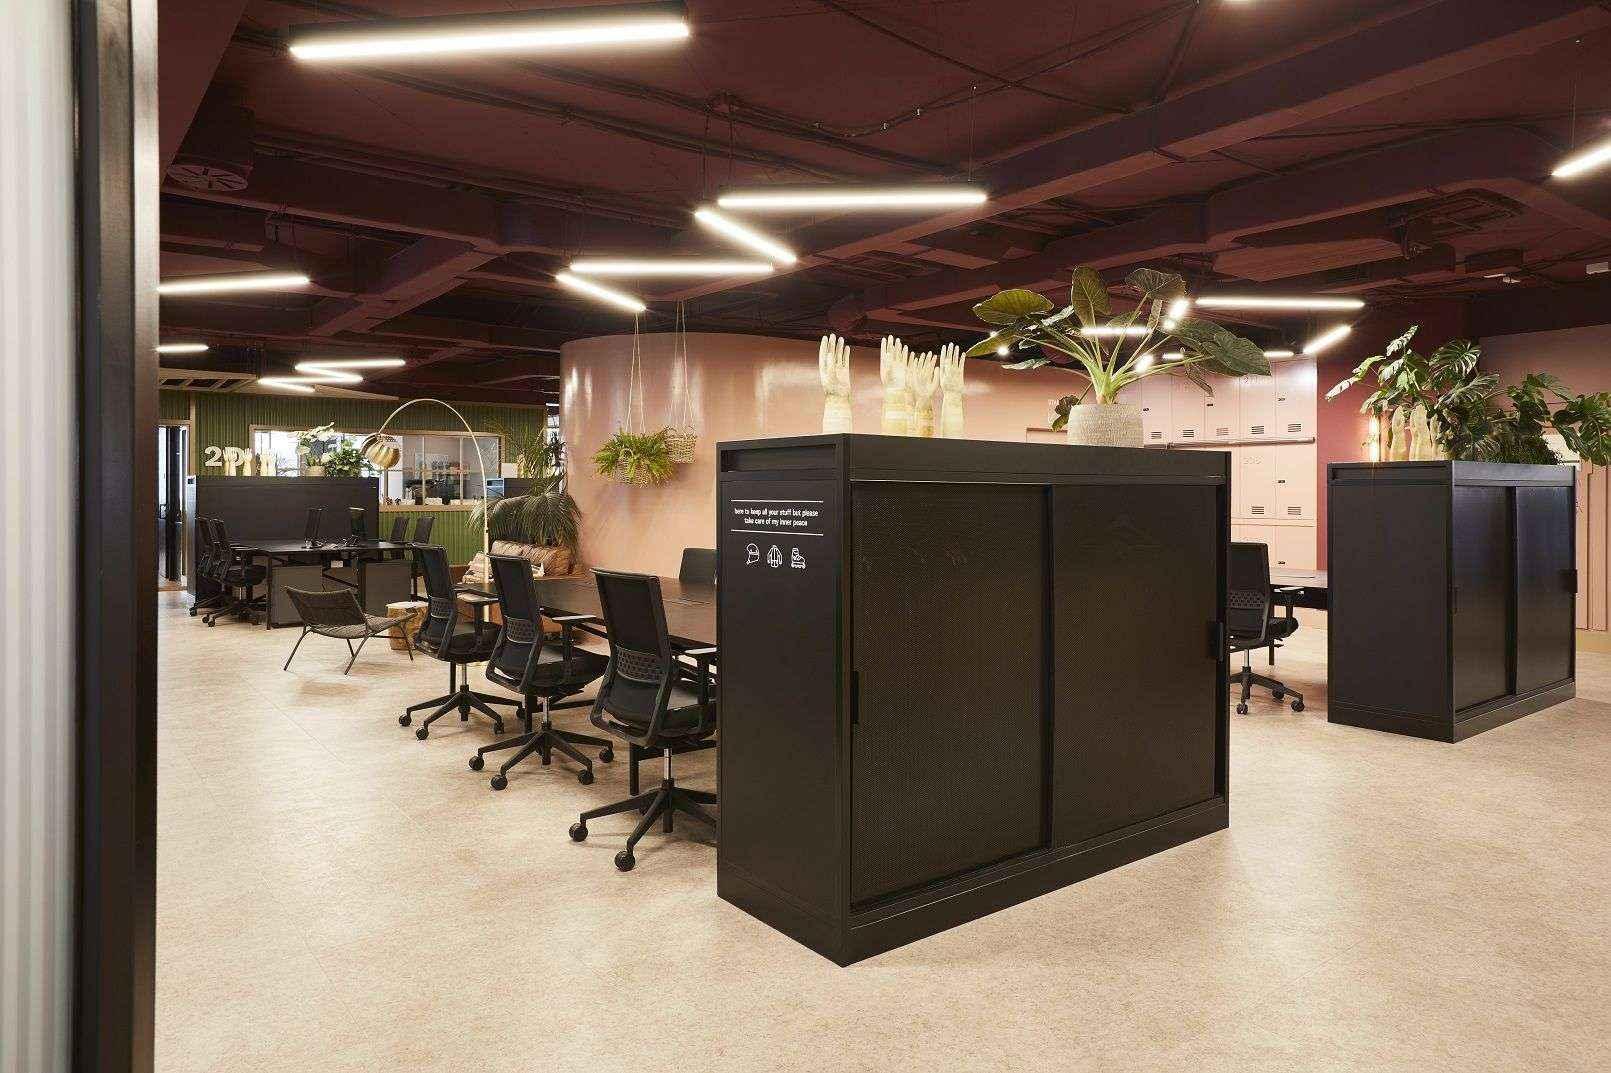 El coworking resurge en España en forma de espacios flexibles alternativos a la oficina y el home office